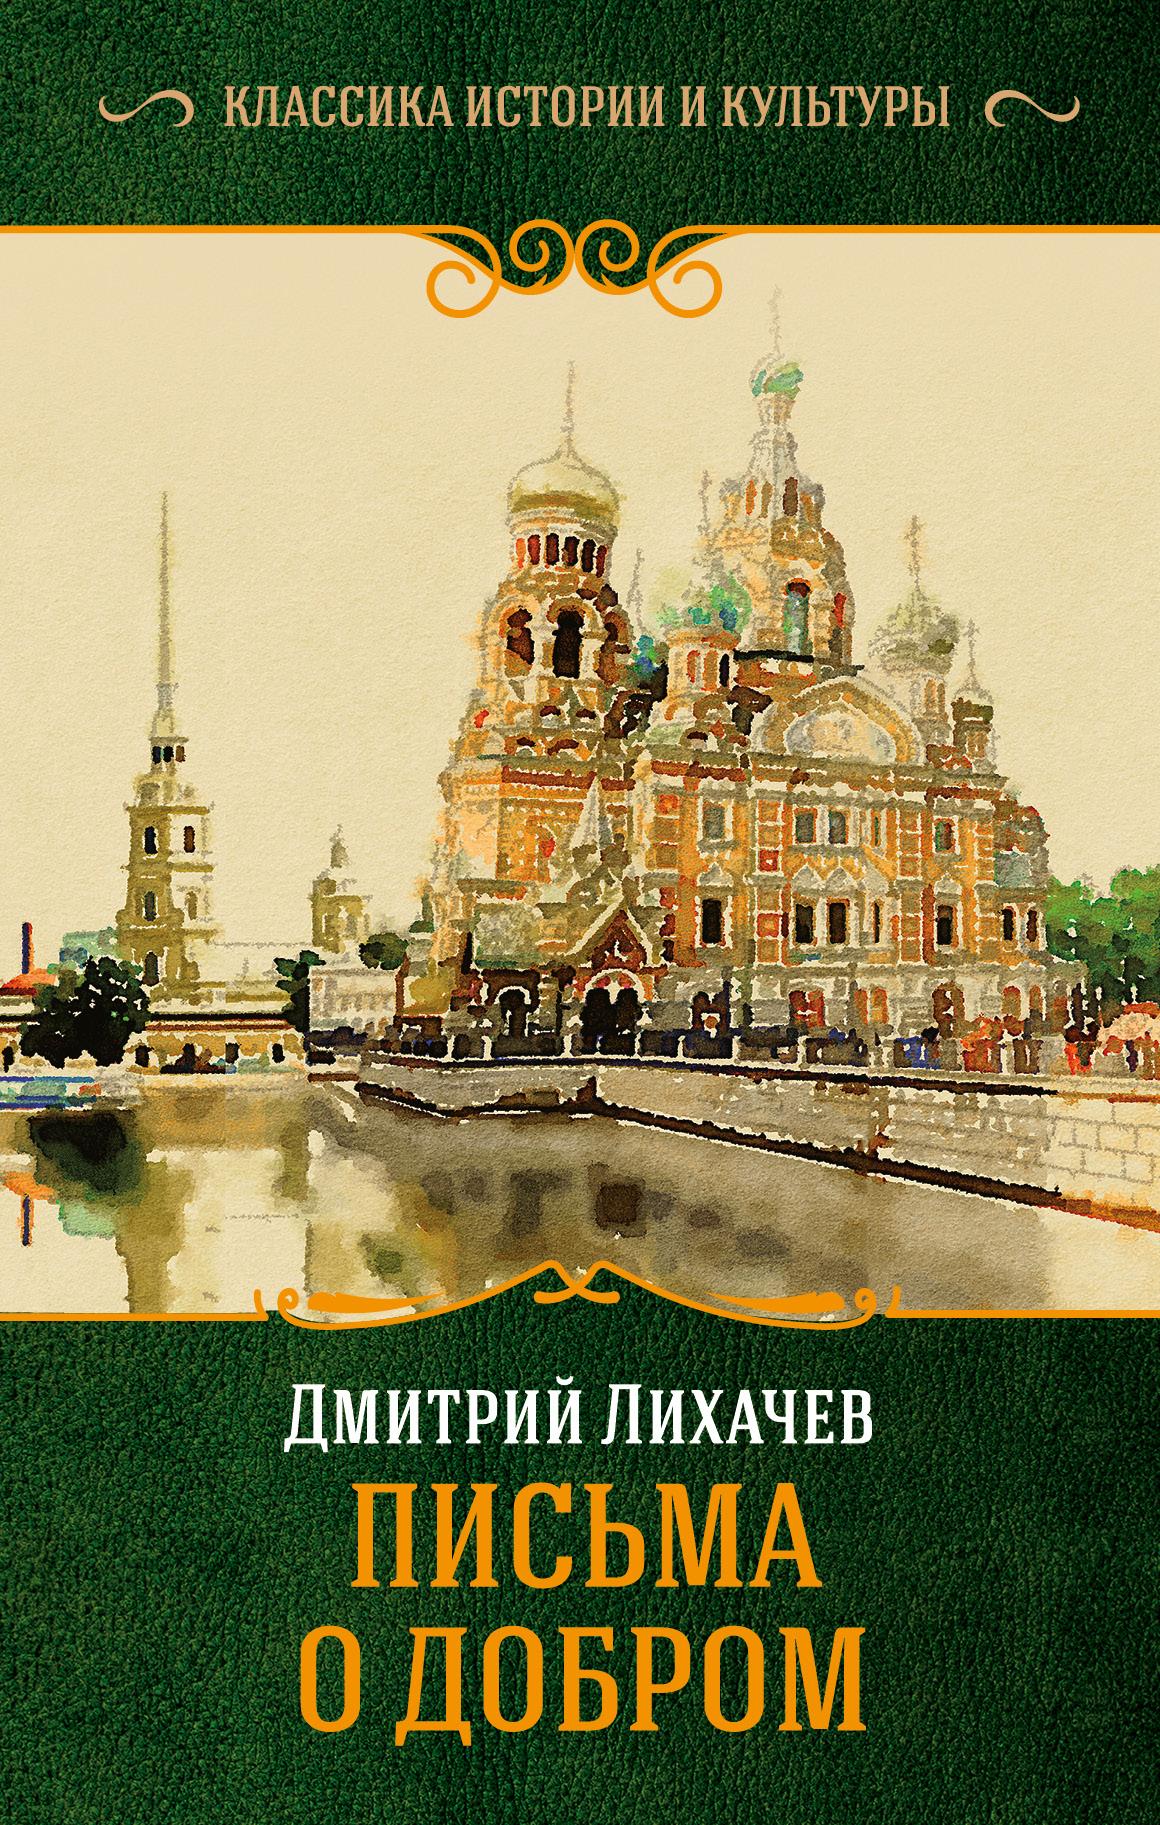 Дмитрий Лихачев Письма о добром лихачев д заметки и наблюдения из записных книжек разных лет